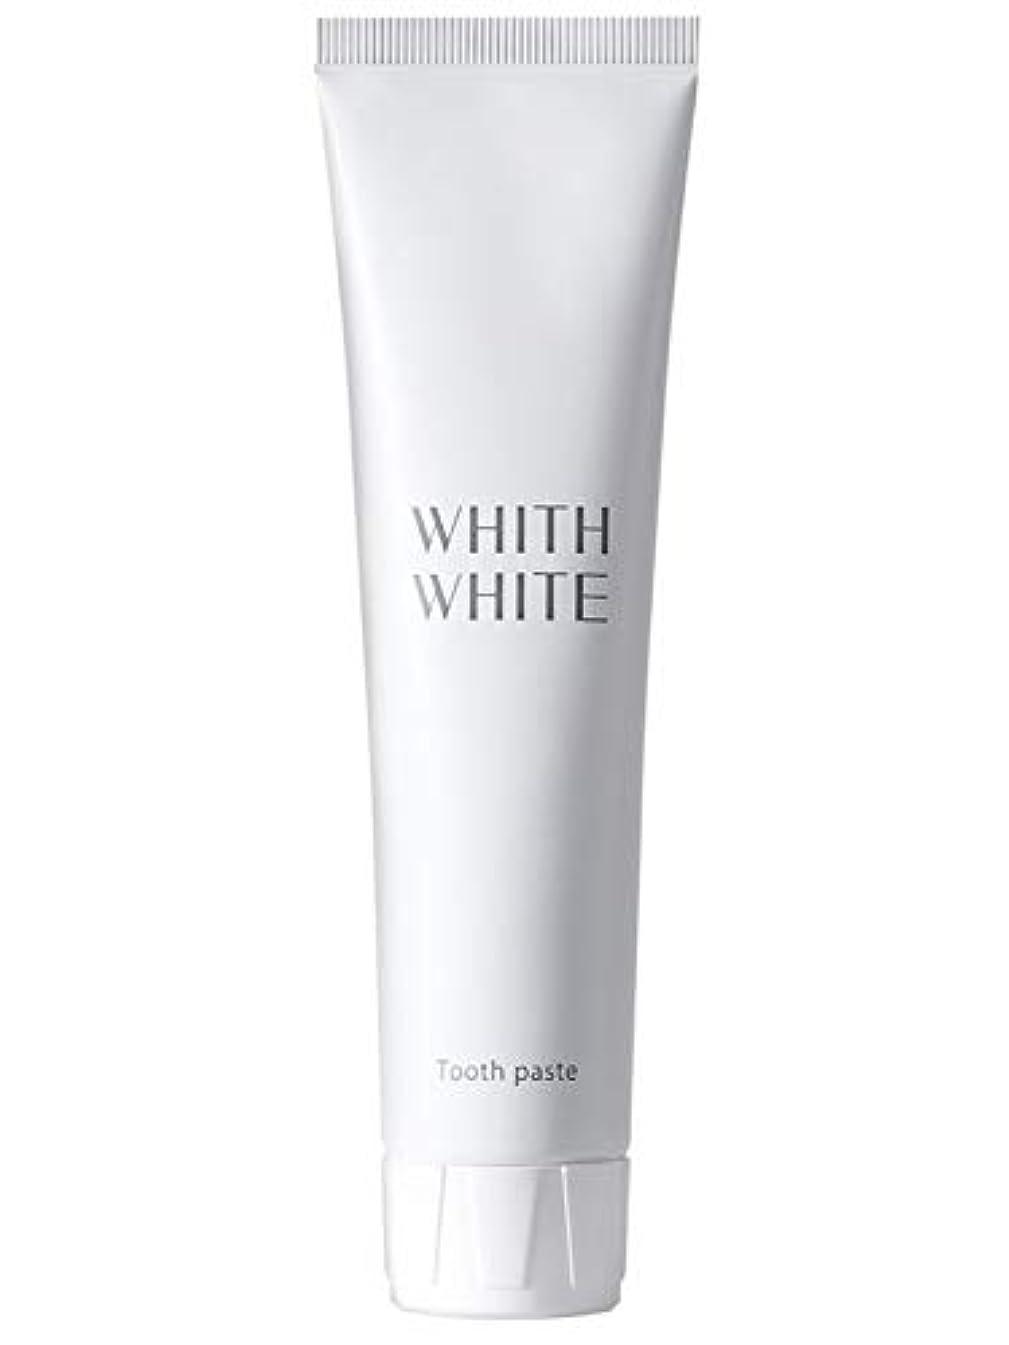 郵便局匹敵しますチャネルホワイトニング 歯磨き粉 フィス ホワイト 医薬部外品 薬用 歯磨き 【 歯周病 口臭予防 フッ素 キシリトール 配合 】「 歯 を 白く する はみがき粉 」「 子供 にも使える 大人 こども 日本製 120g 」